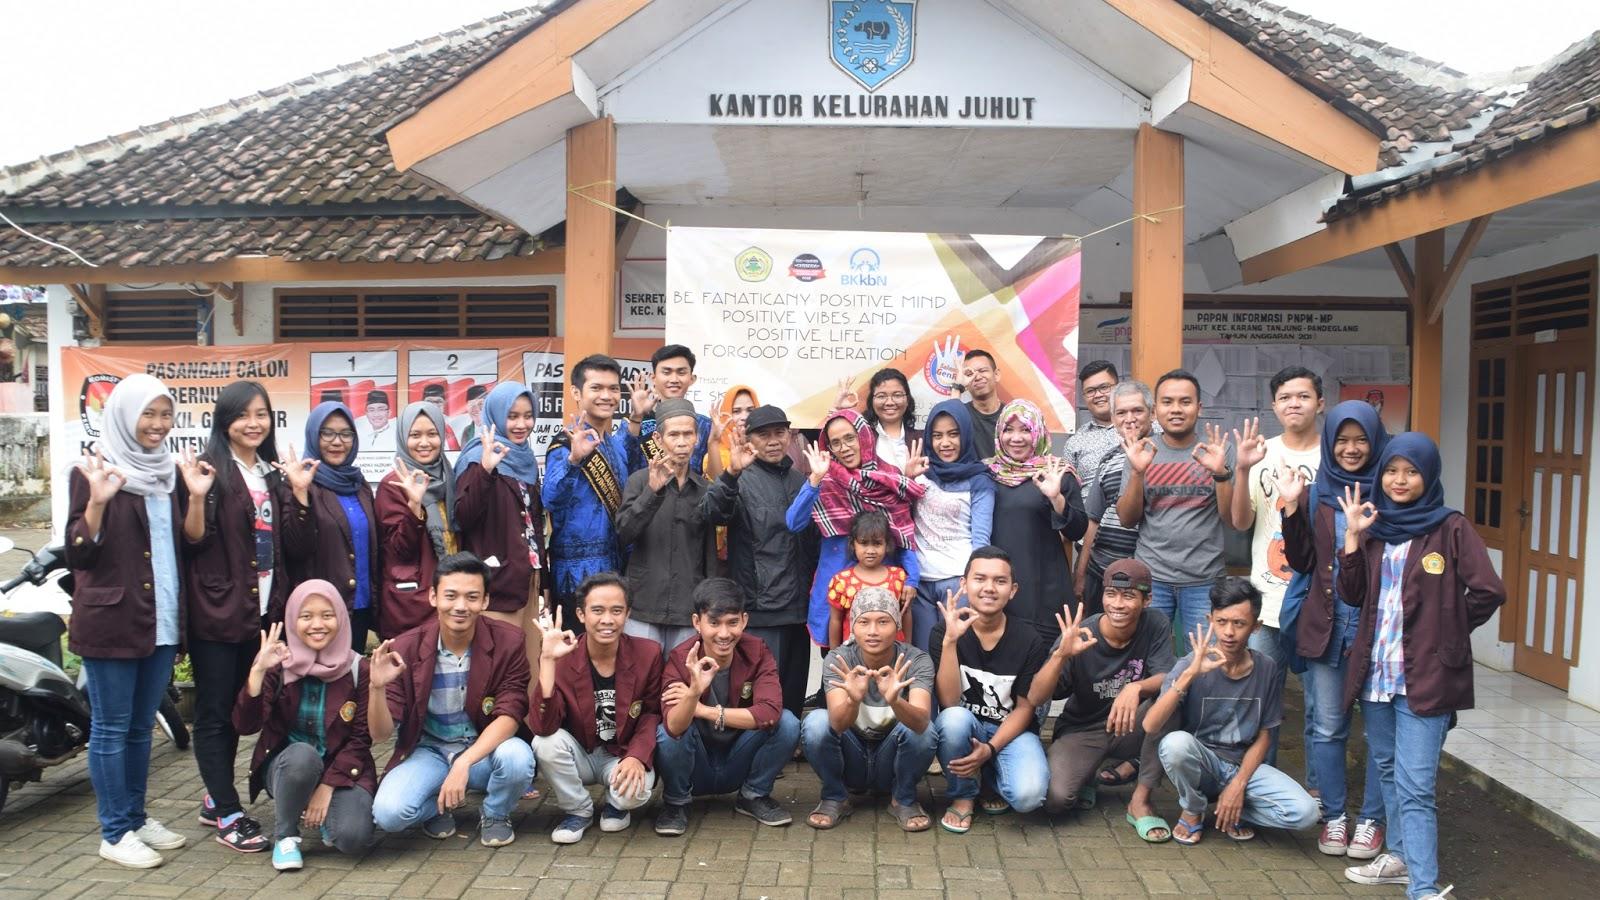 Jeprat jepret foto bersama Kelompok KKM Mandiri dan Warga desa Juhut, Pandeglang (Kamis, 26/01/2017)